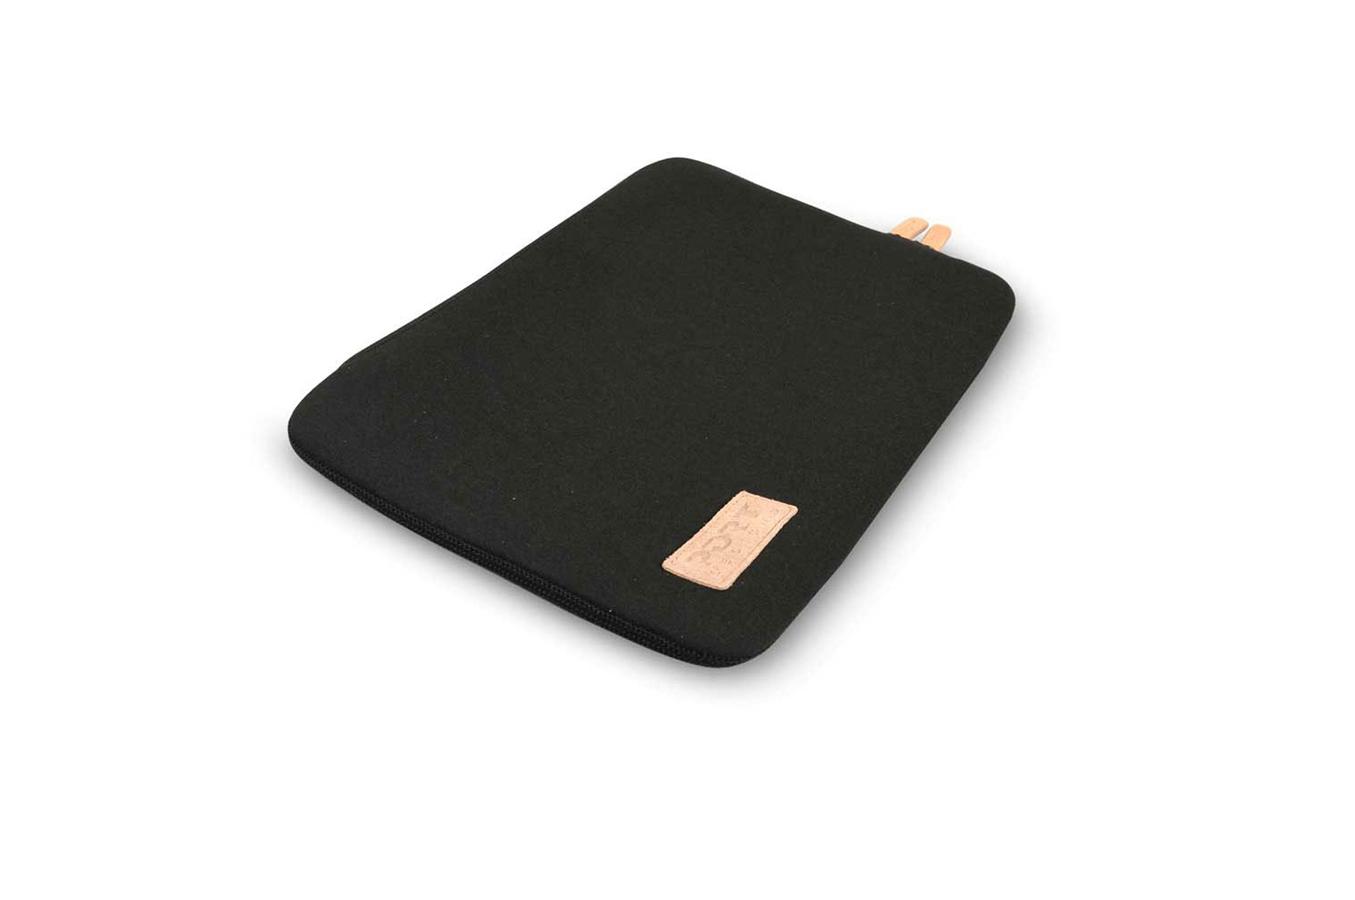 sacoche pour ordinateur portable port housse torino sleeve universelle noire pour ordinateur. Black Bedroom Furniture Sets. Home Design Ideas